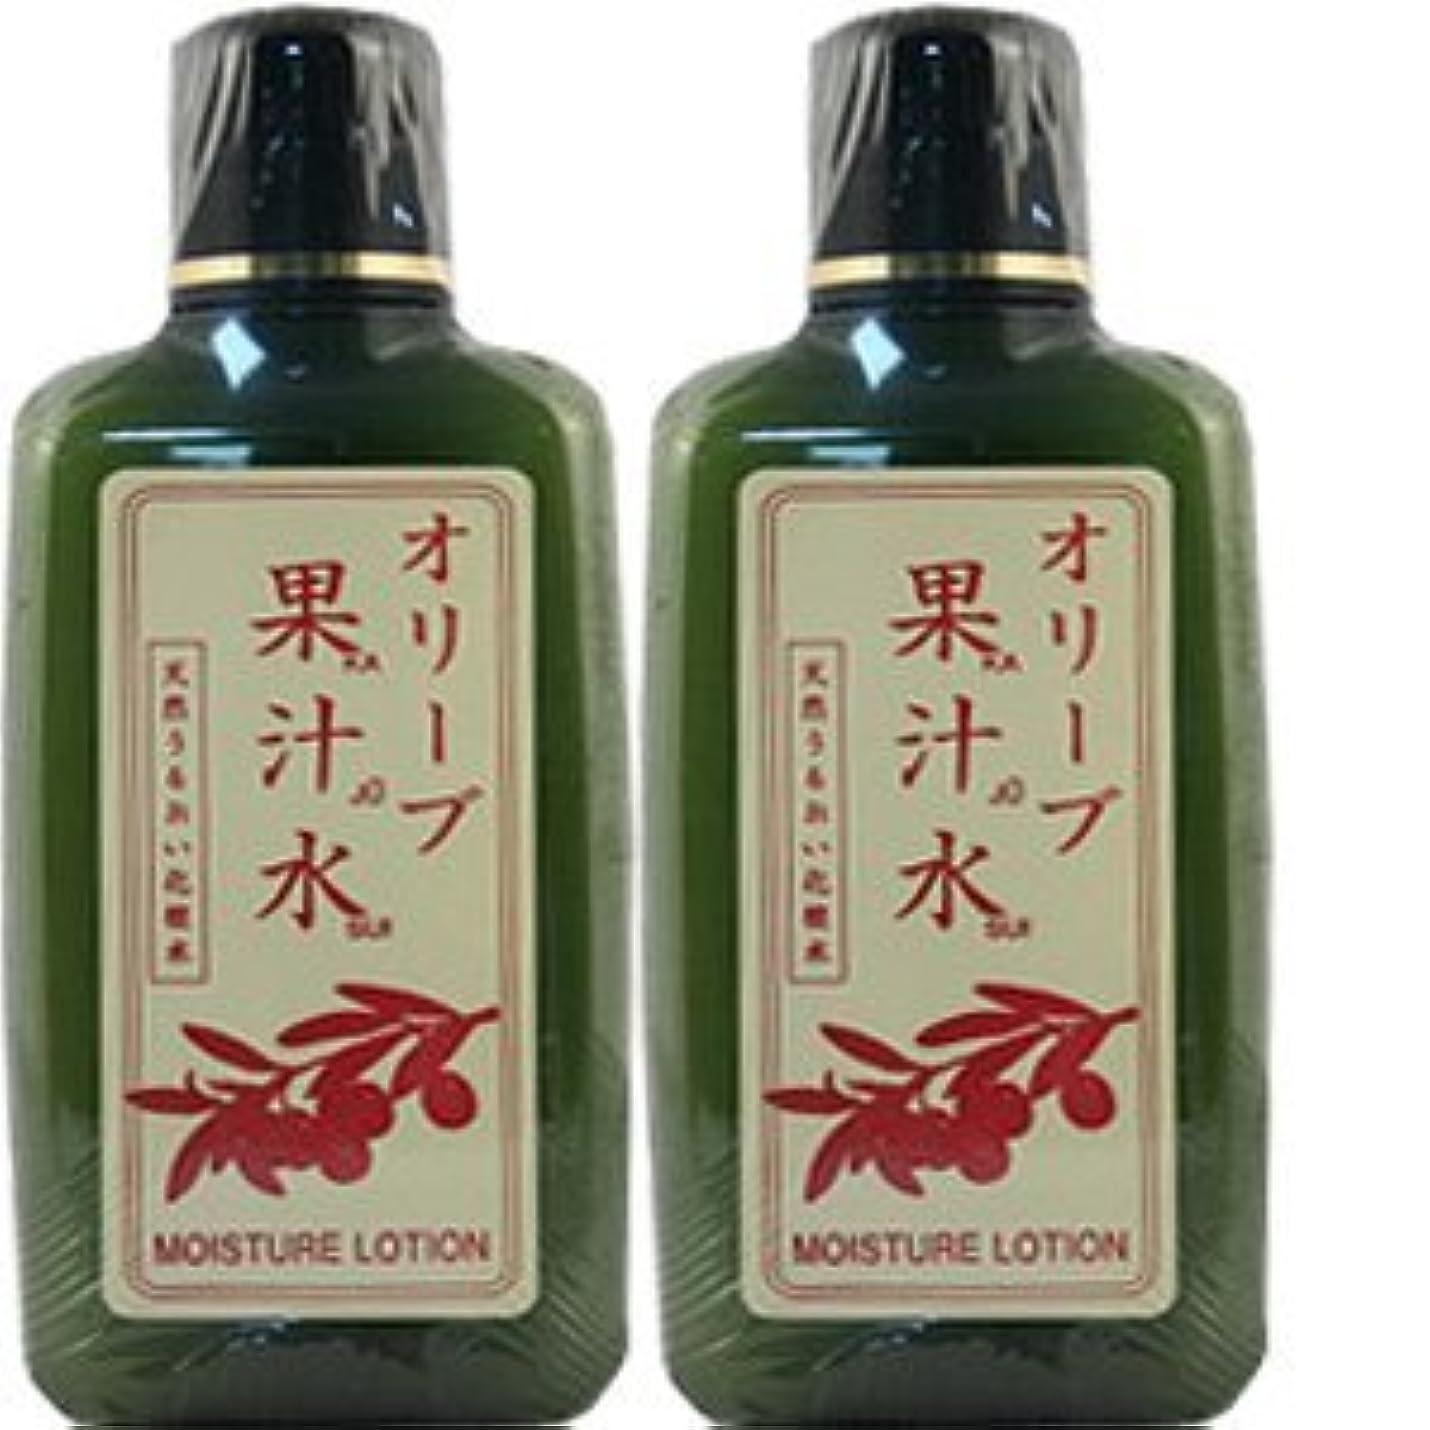 忘れられないもろい証明【2本】 オリーブマノン オリーブ果汁水 180mlx2個(4965363003982)